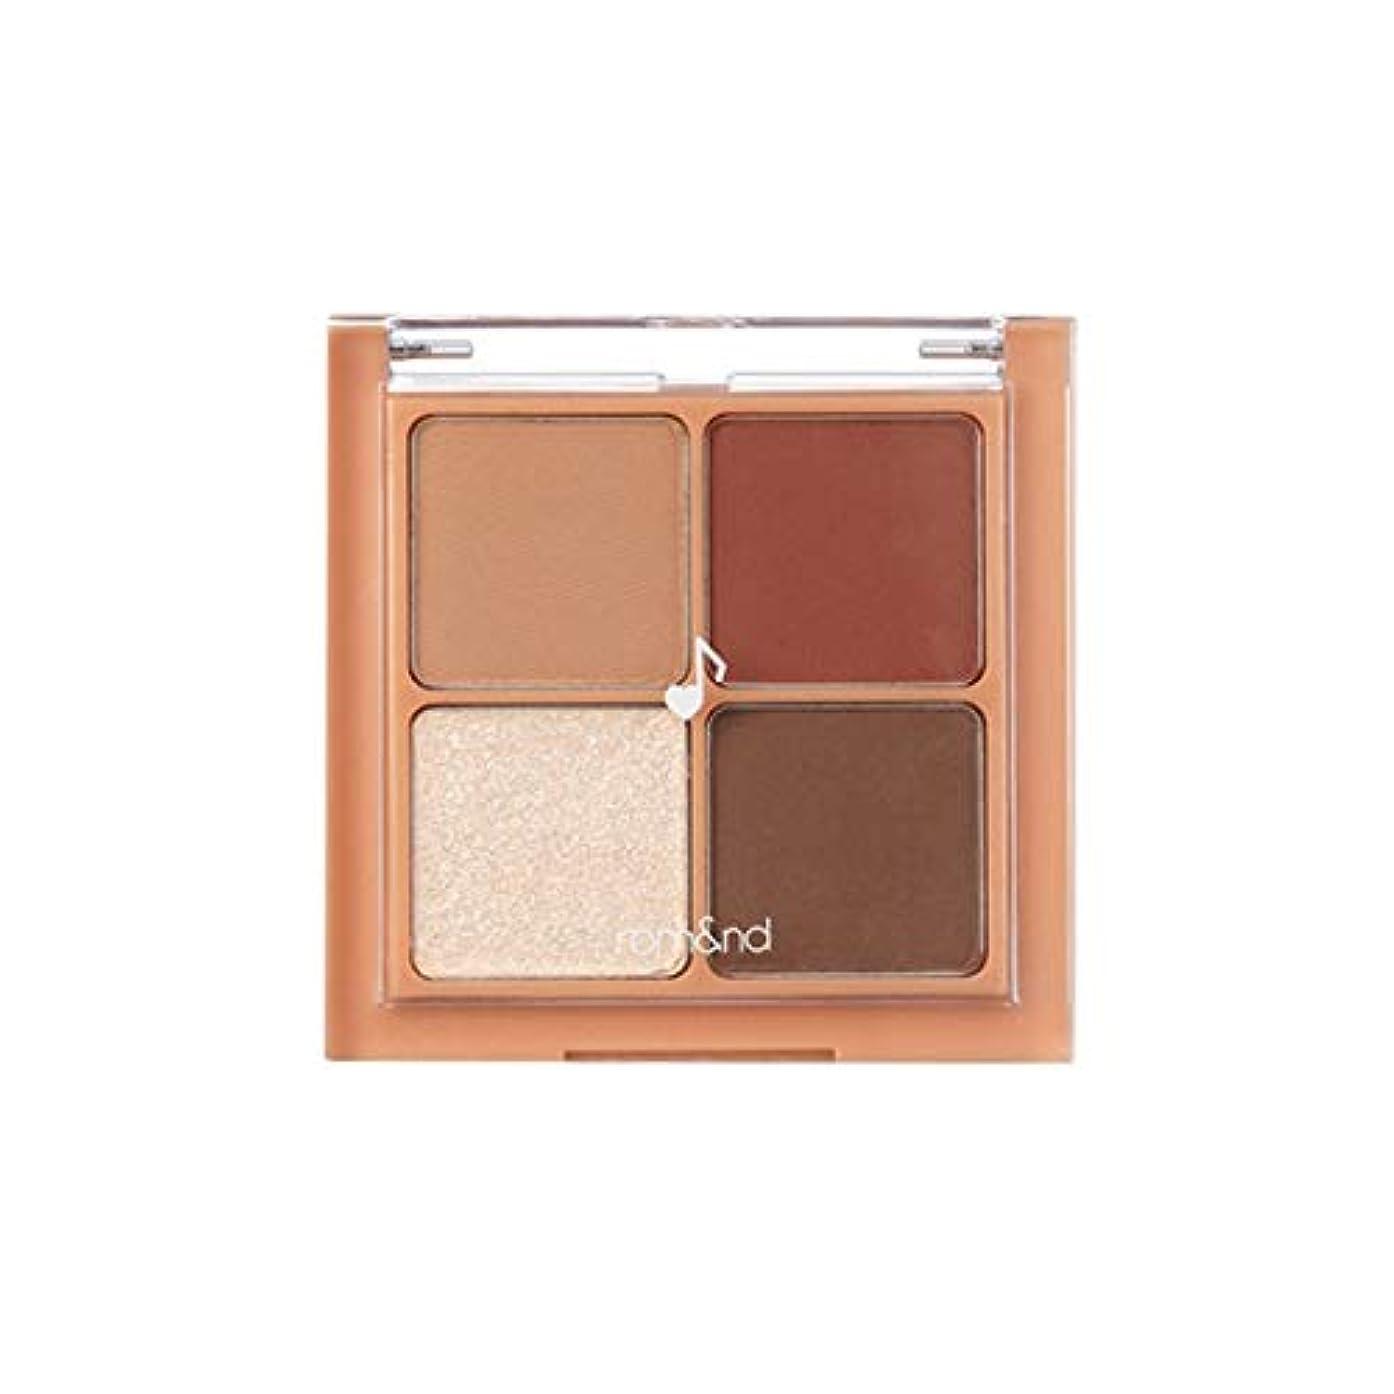 揺れるキャンペーン一般化するrom&nd BETTER THAN EYES Eyeshadow Palette 4色のアイシャドウパレット # M1 DRY apple blossom(並行輸入品)